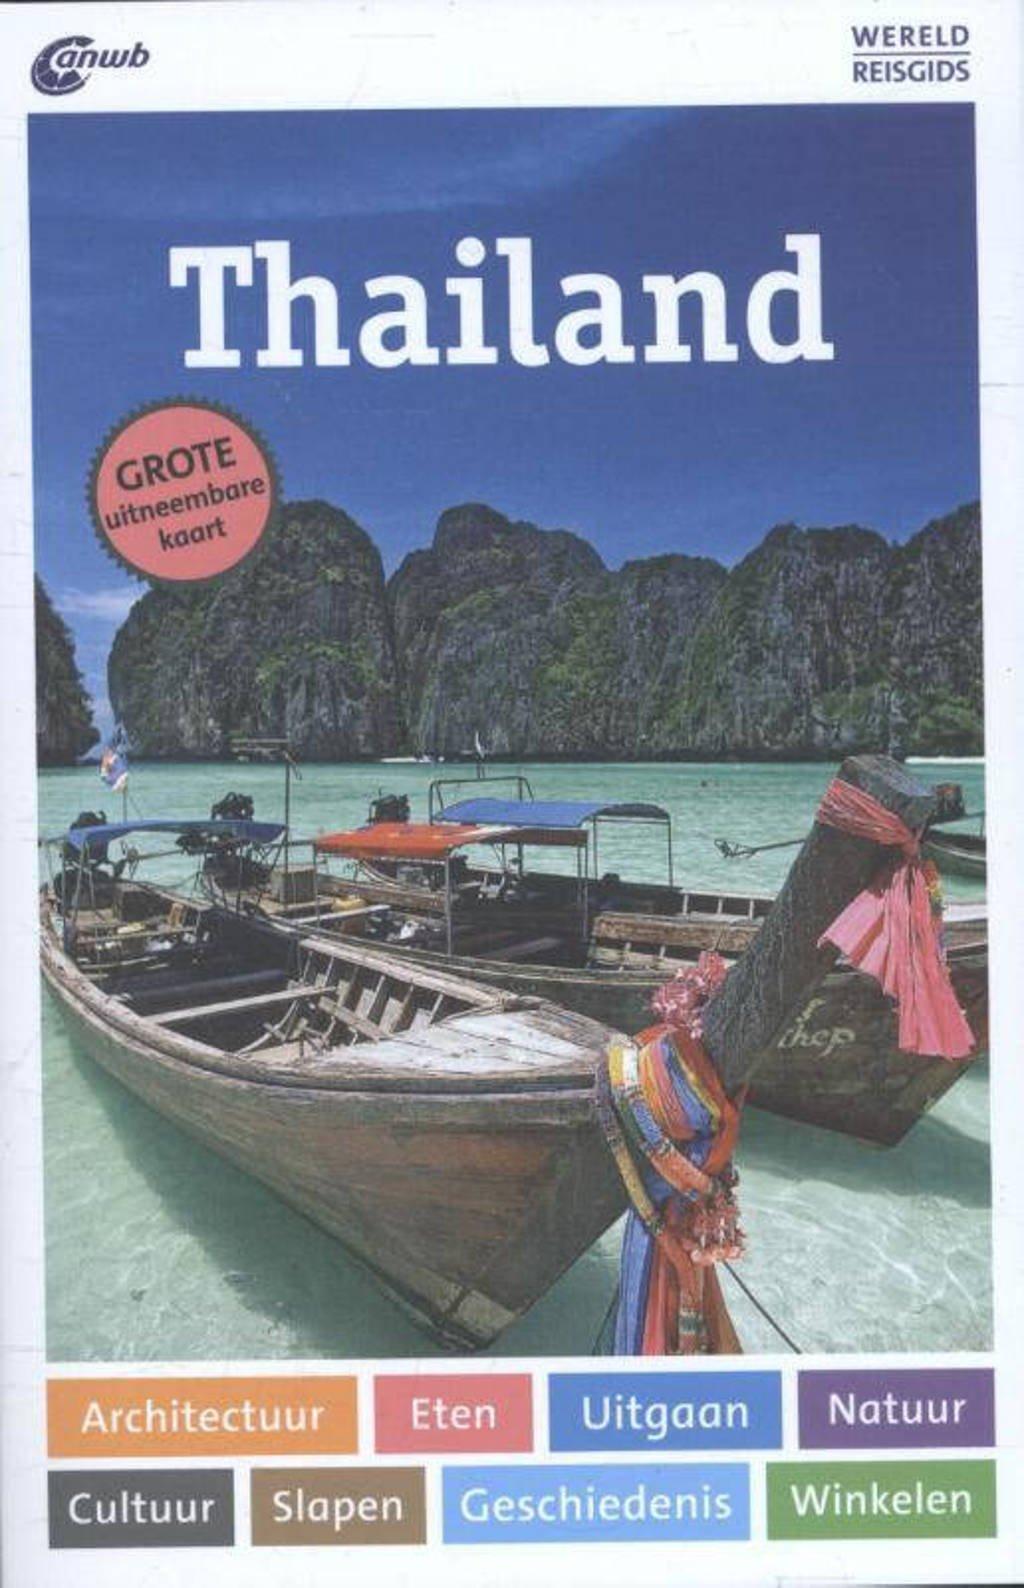 ea9203d1ea4 ANWB wereldreisgids: Thailand | wehkamp